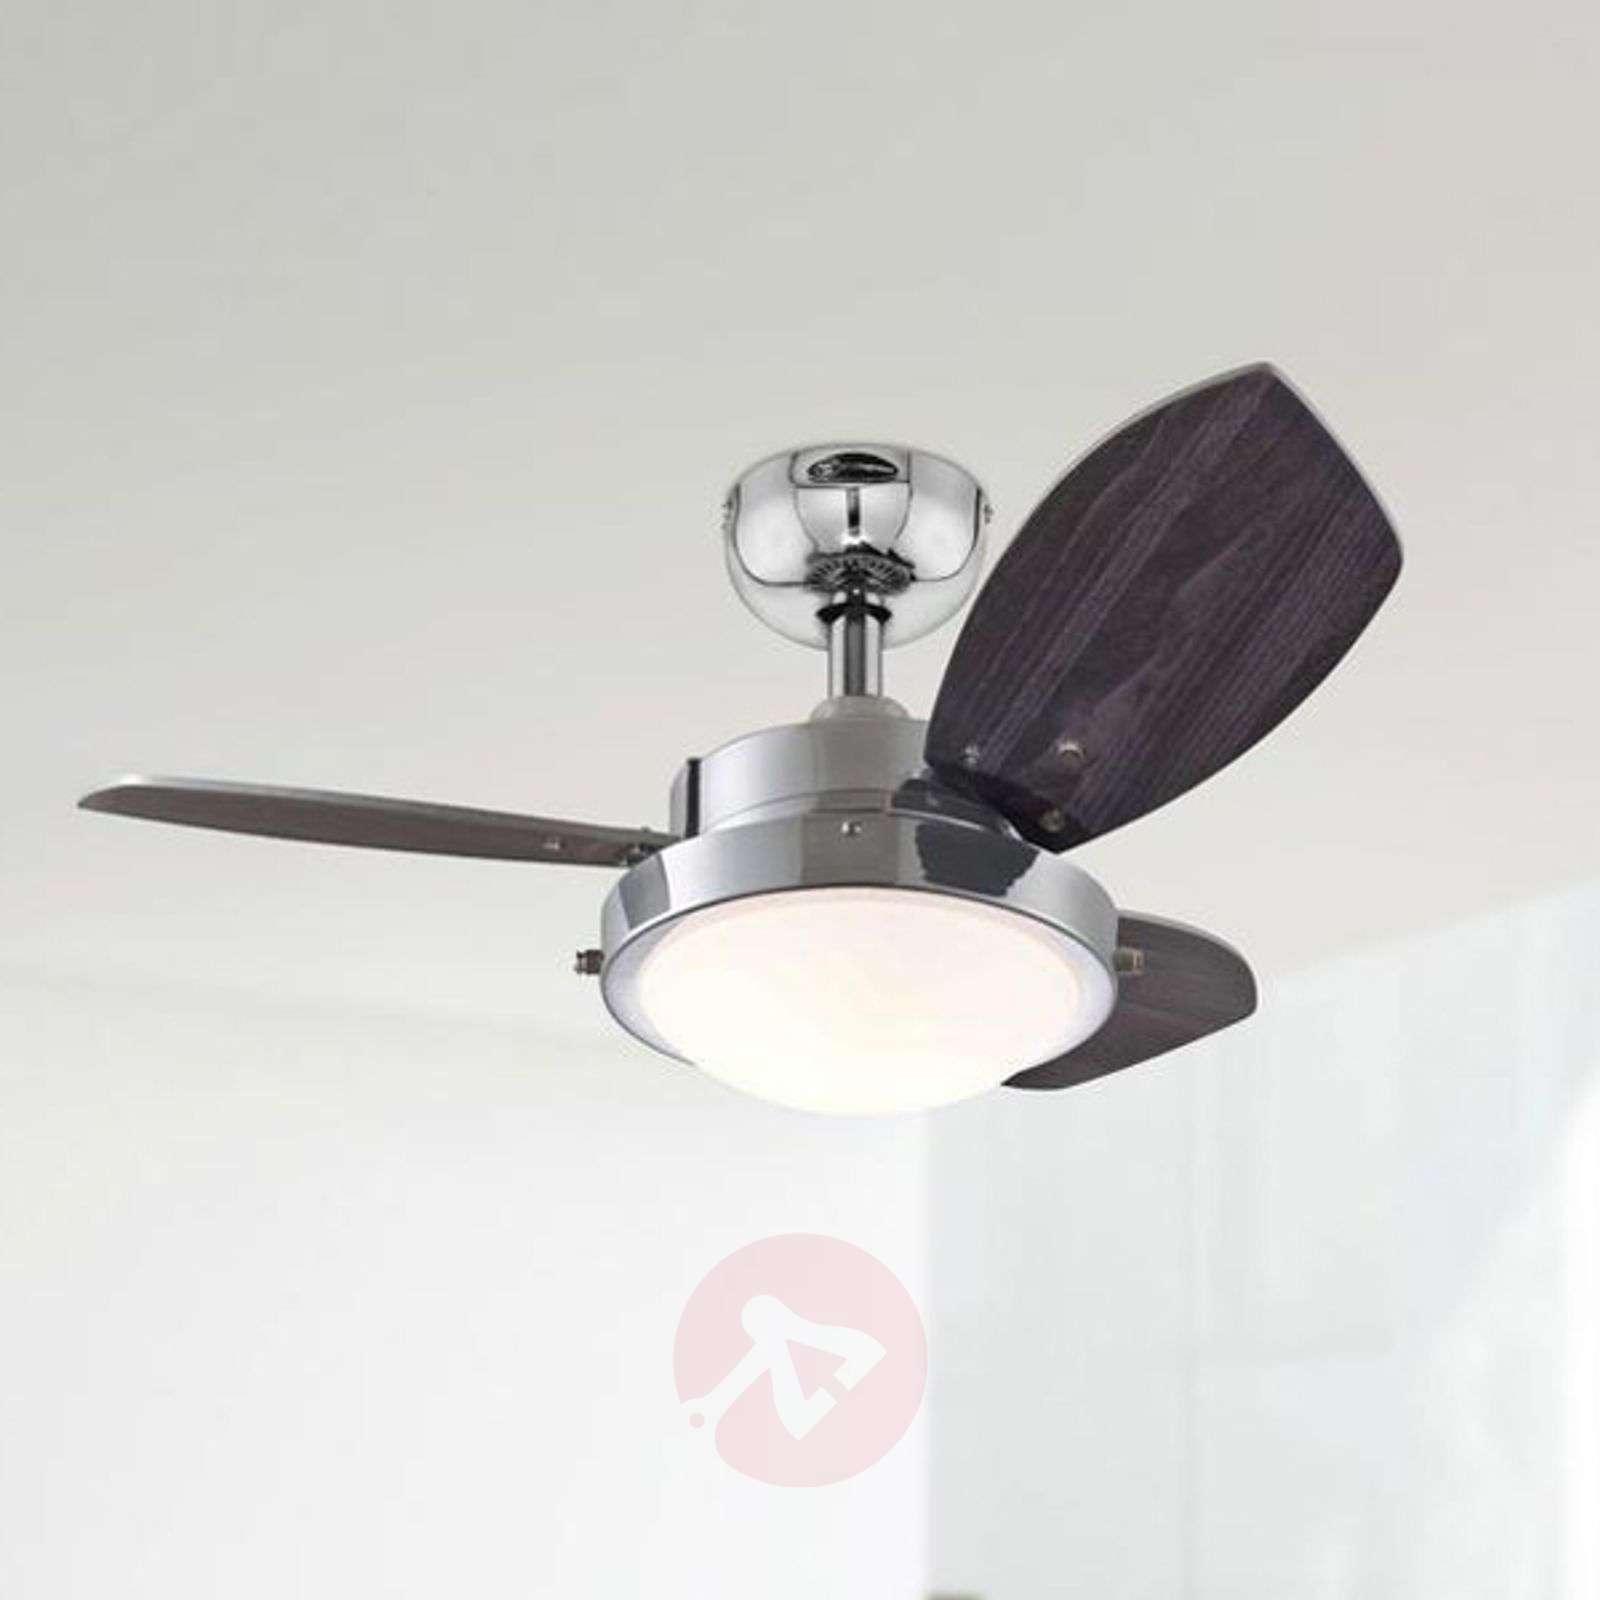 wenge ceiling fan with halogen lamp. Black Bedroom Furniture Sets. Home Design Ideas